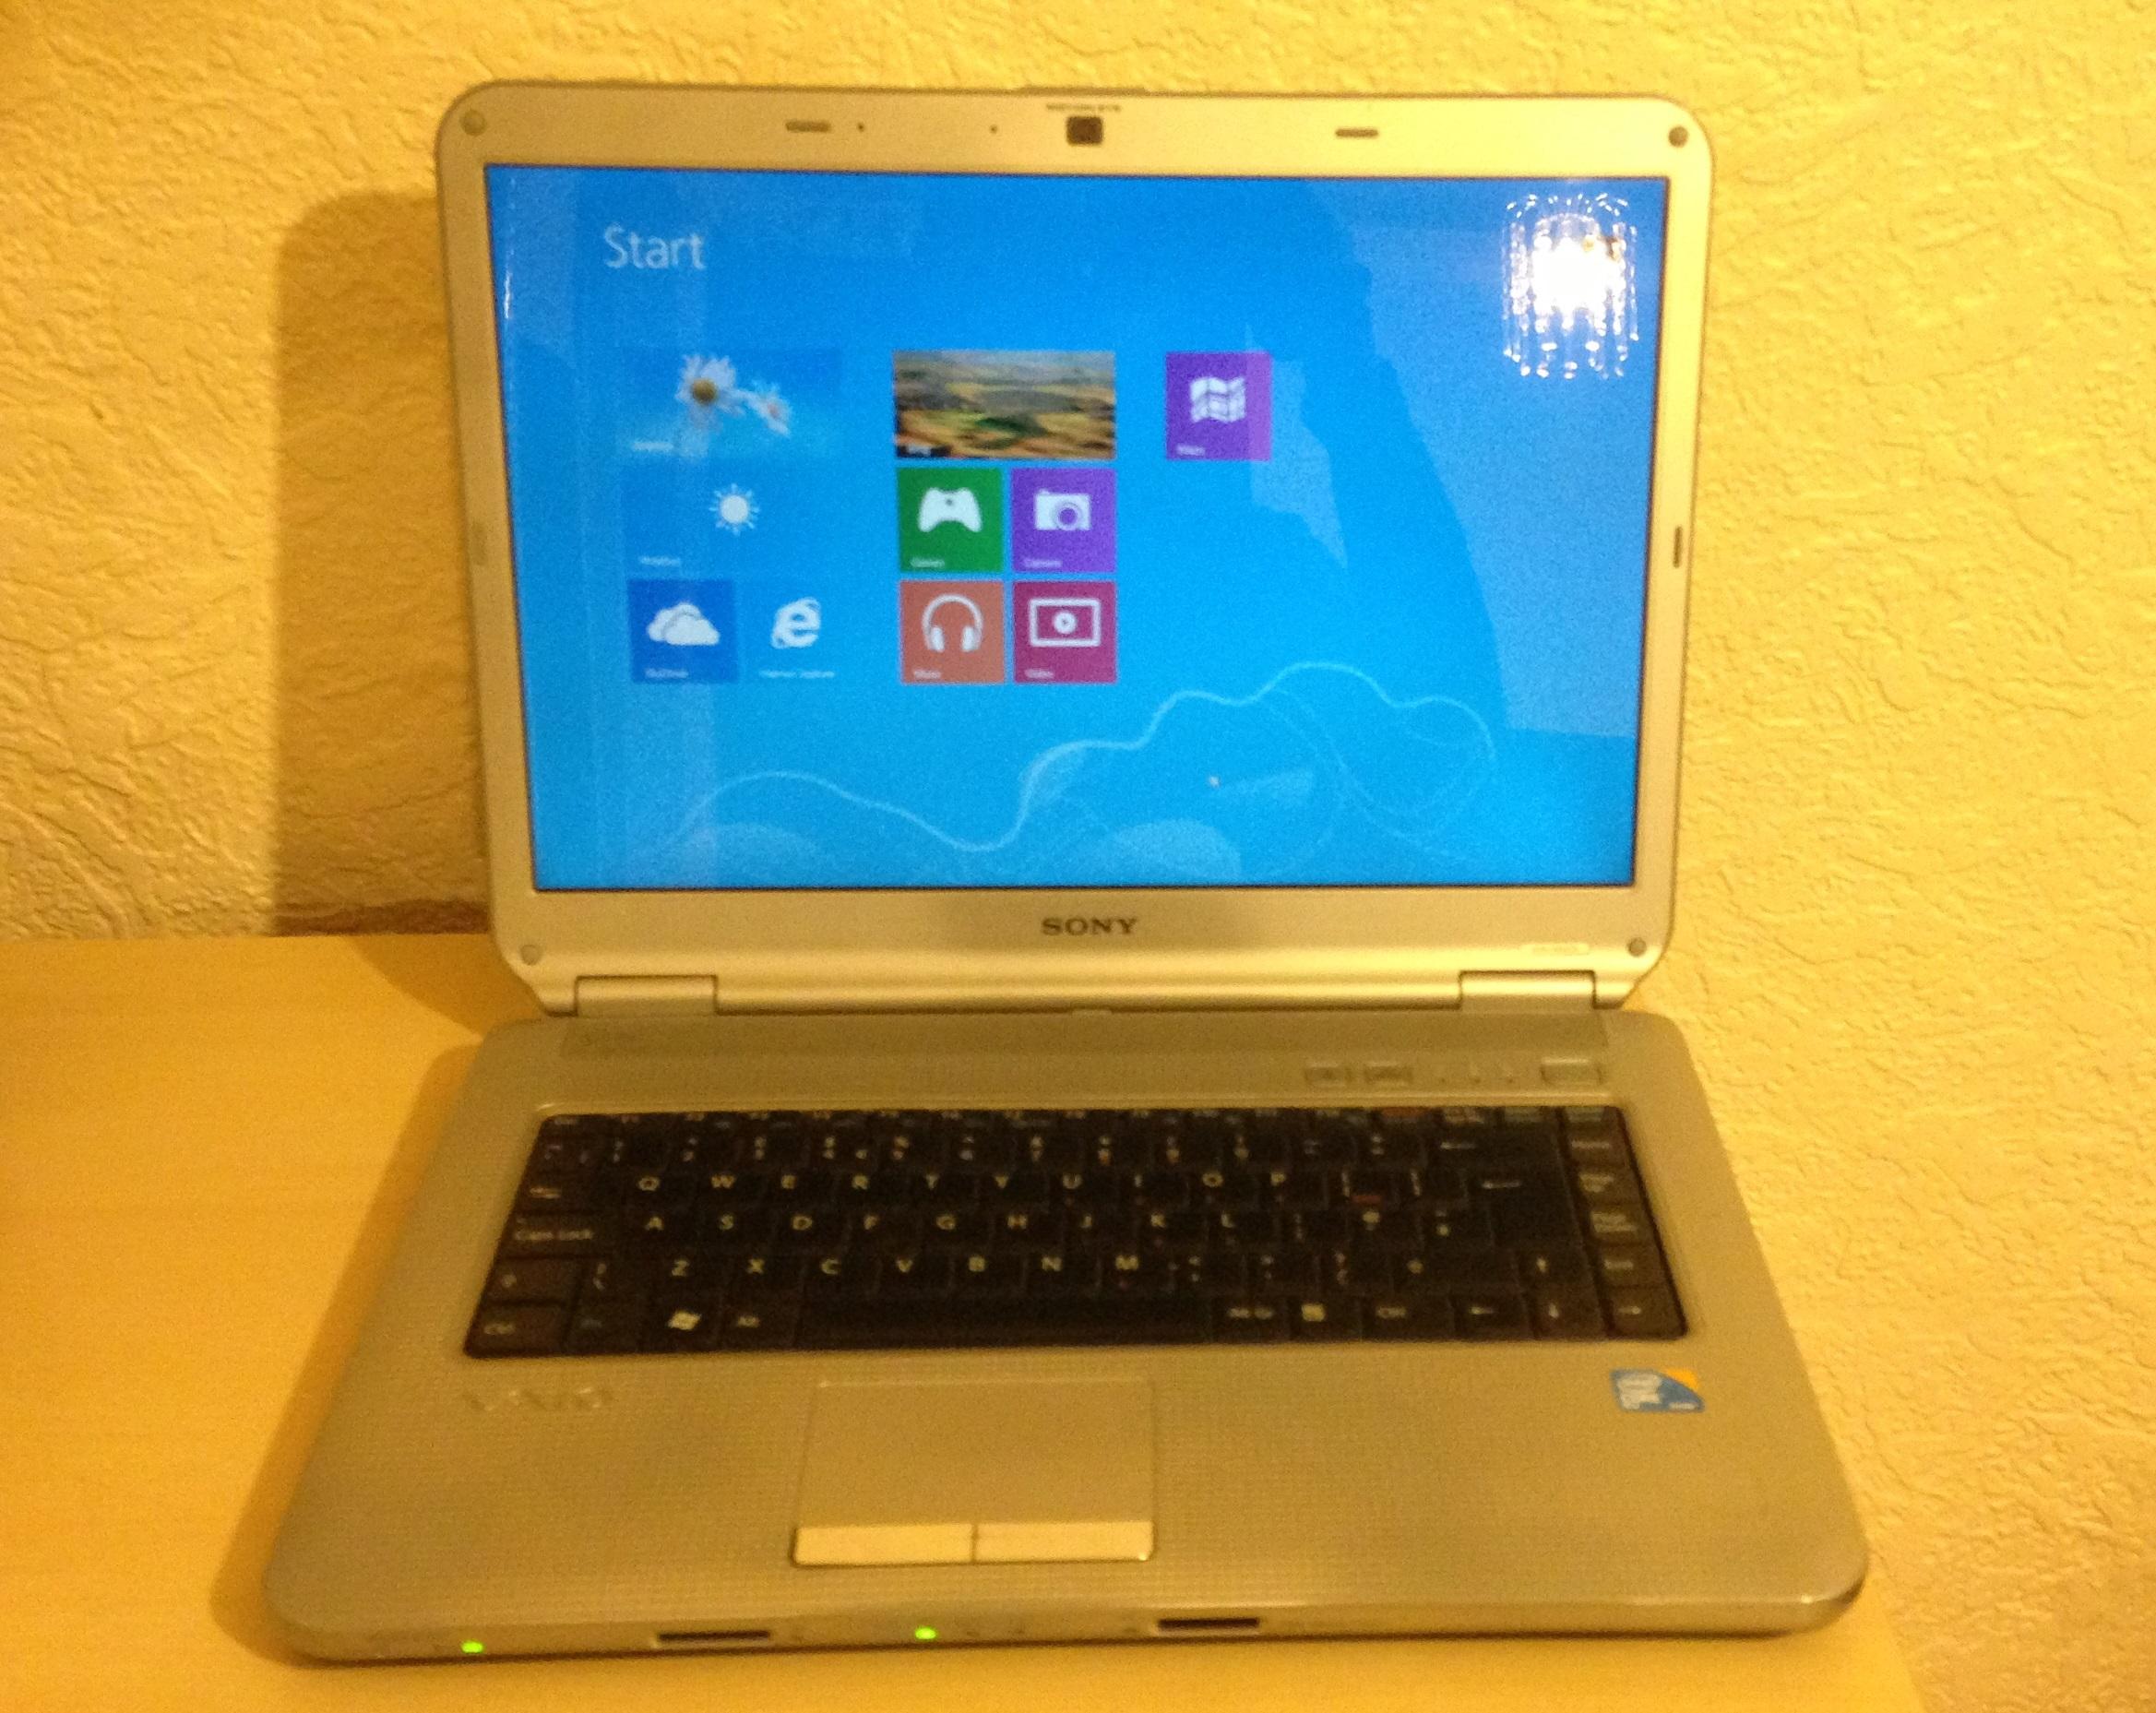 Gambar Sony Laptop Teknologi Netbook Peralatan Elektronik